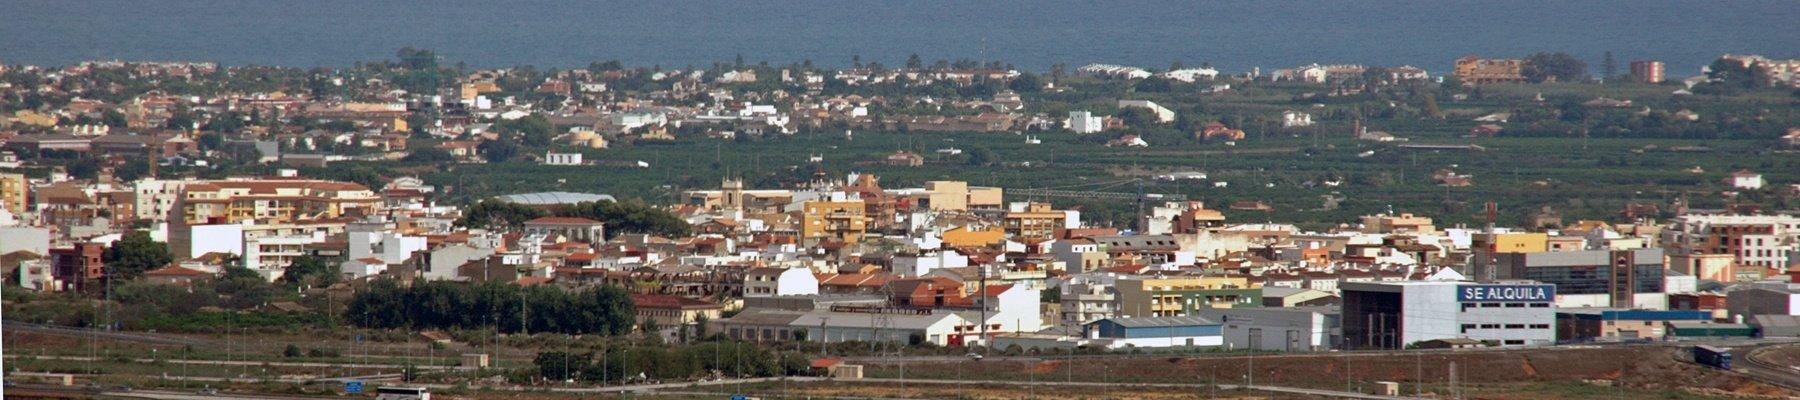 Información Socioeconómica y Laboral del Municipio de Ondara